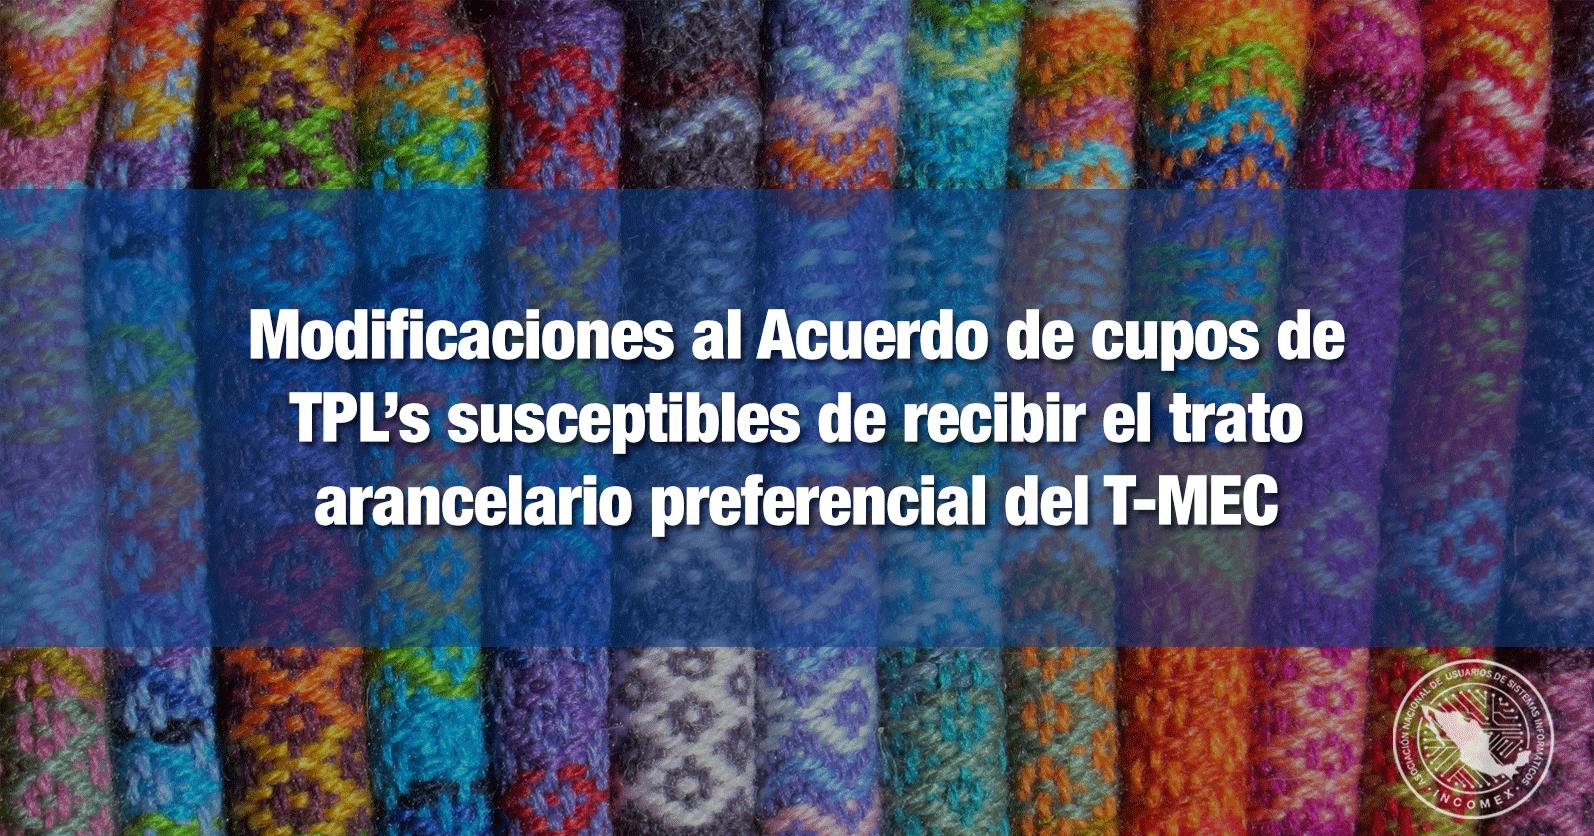 Modificaciones al Acuerdo de cupos de TPL's susceptibles de recibir el trato arancelario preferencial del T-MEC